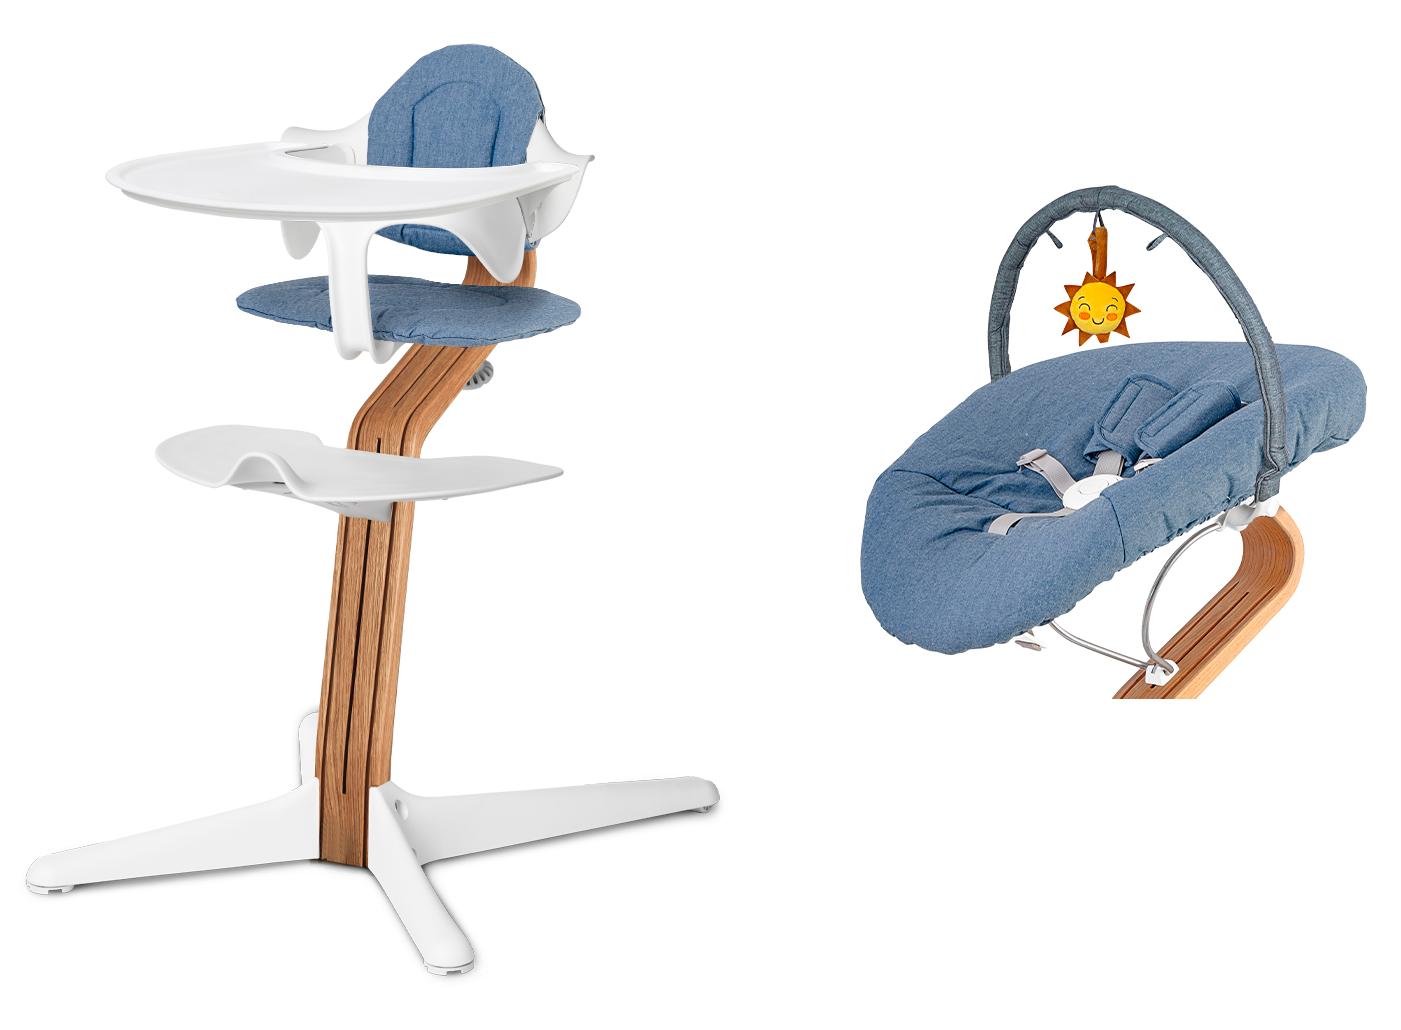 Nomi Nomi kinderstoel set wit inclusief baby-wipstoeltje